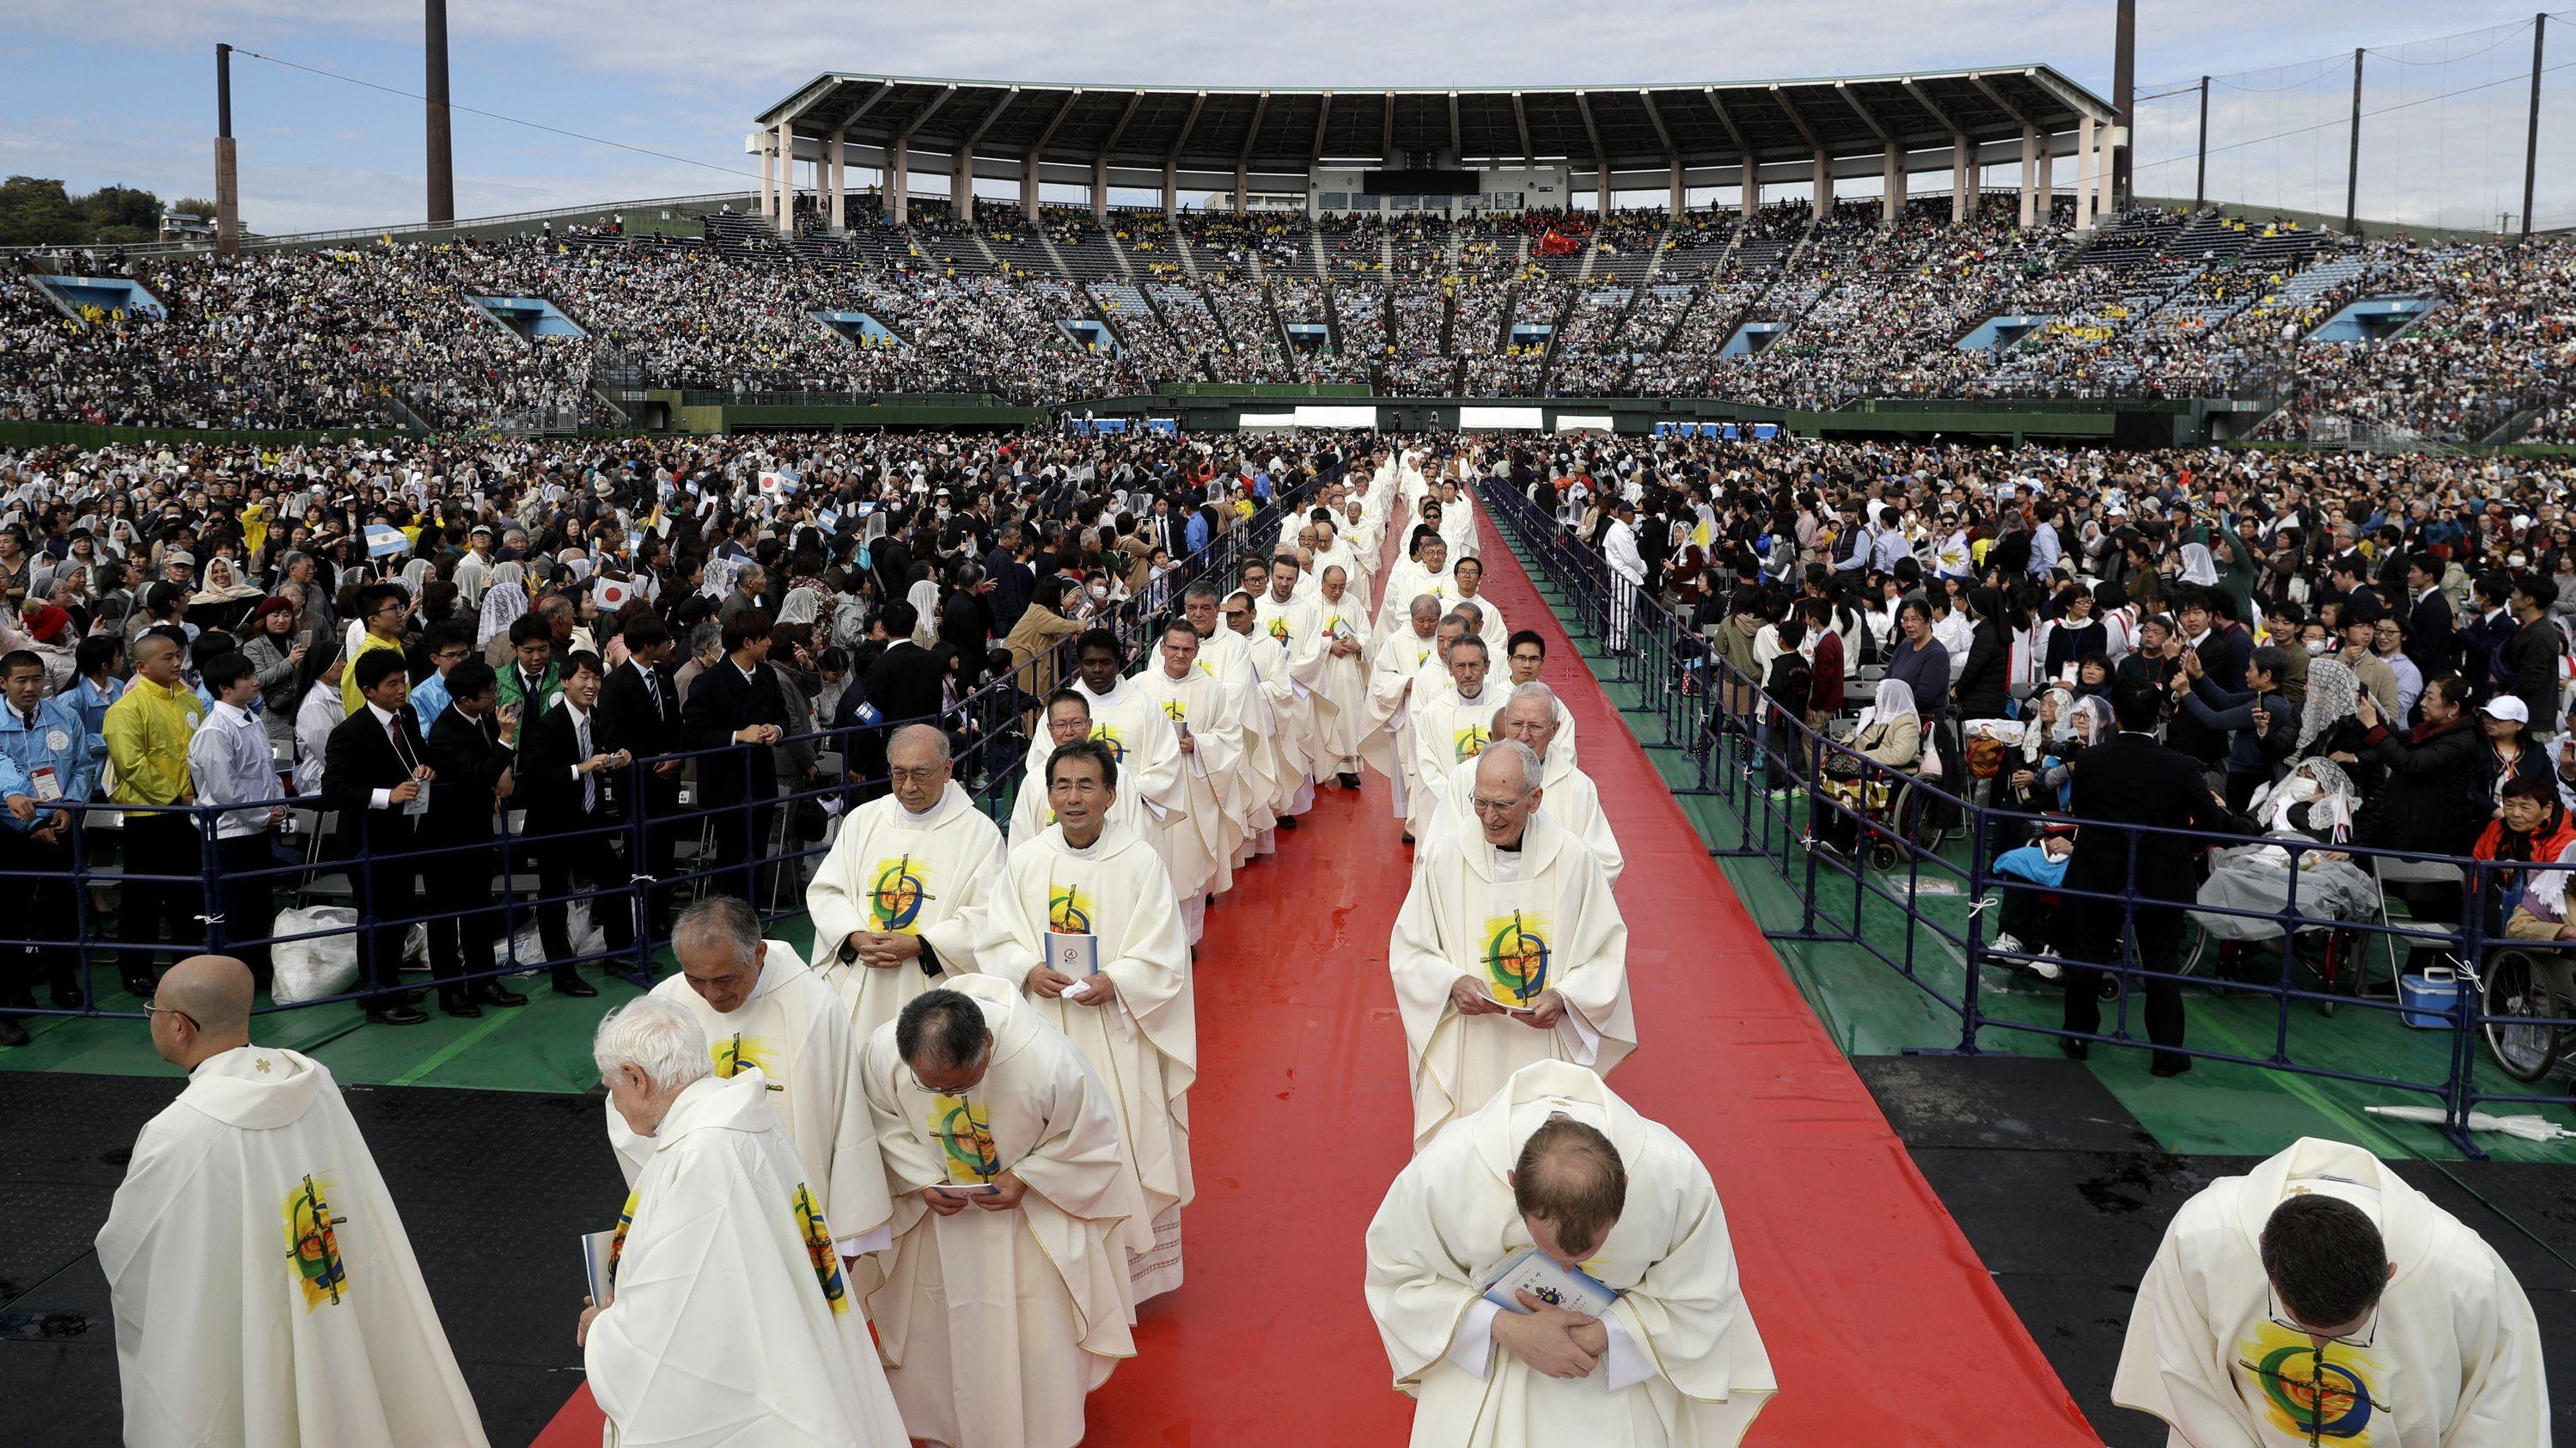 Papst Franziskus spricht sich in einem japanischen Baseball-Stadion gegen atomares Wettrüsten aus